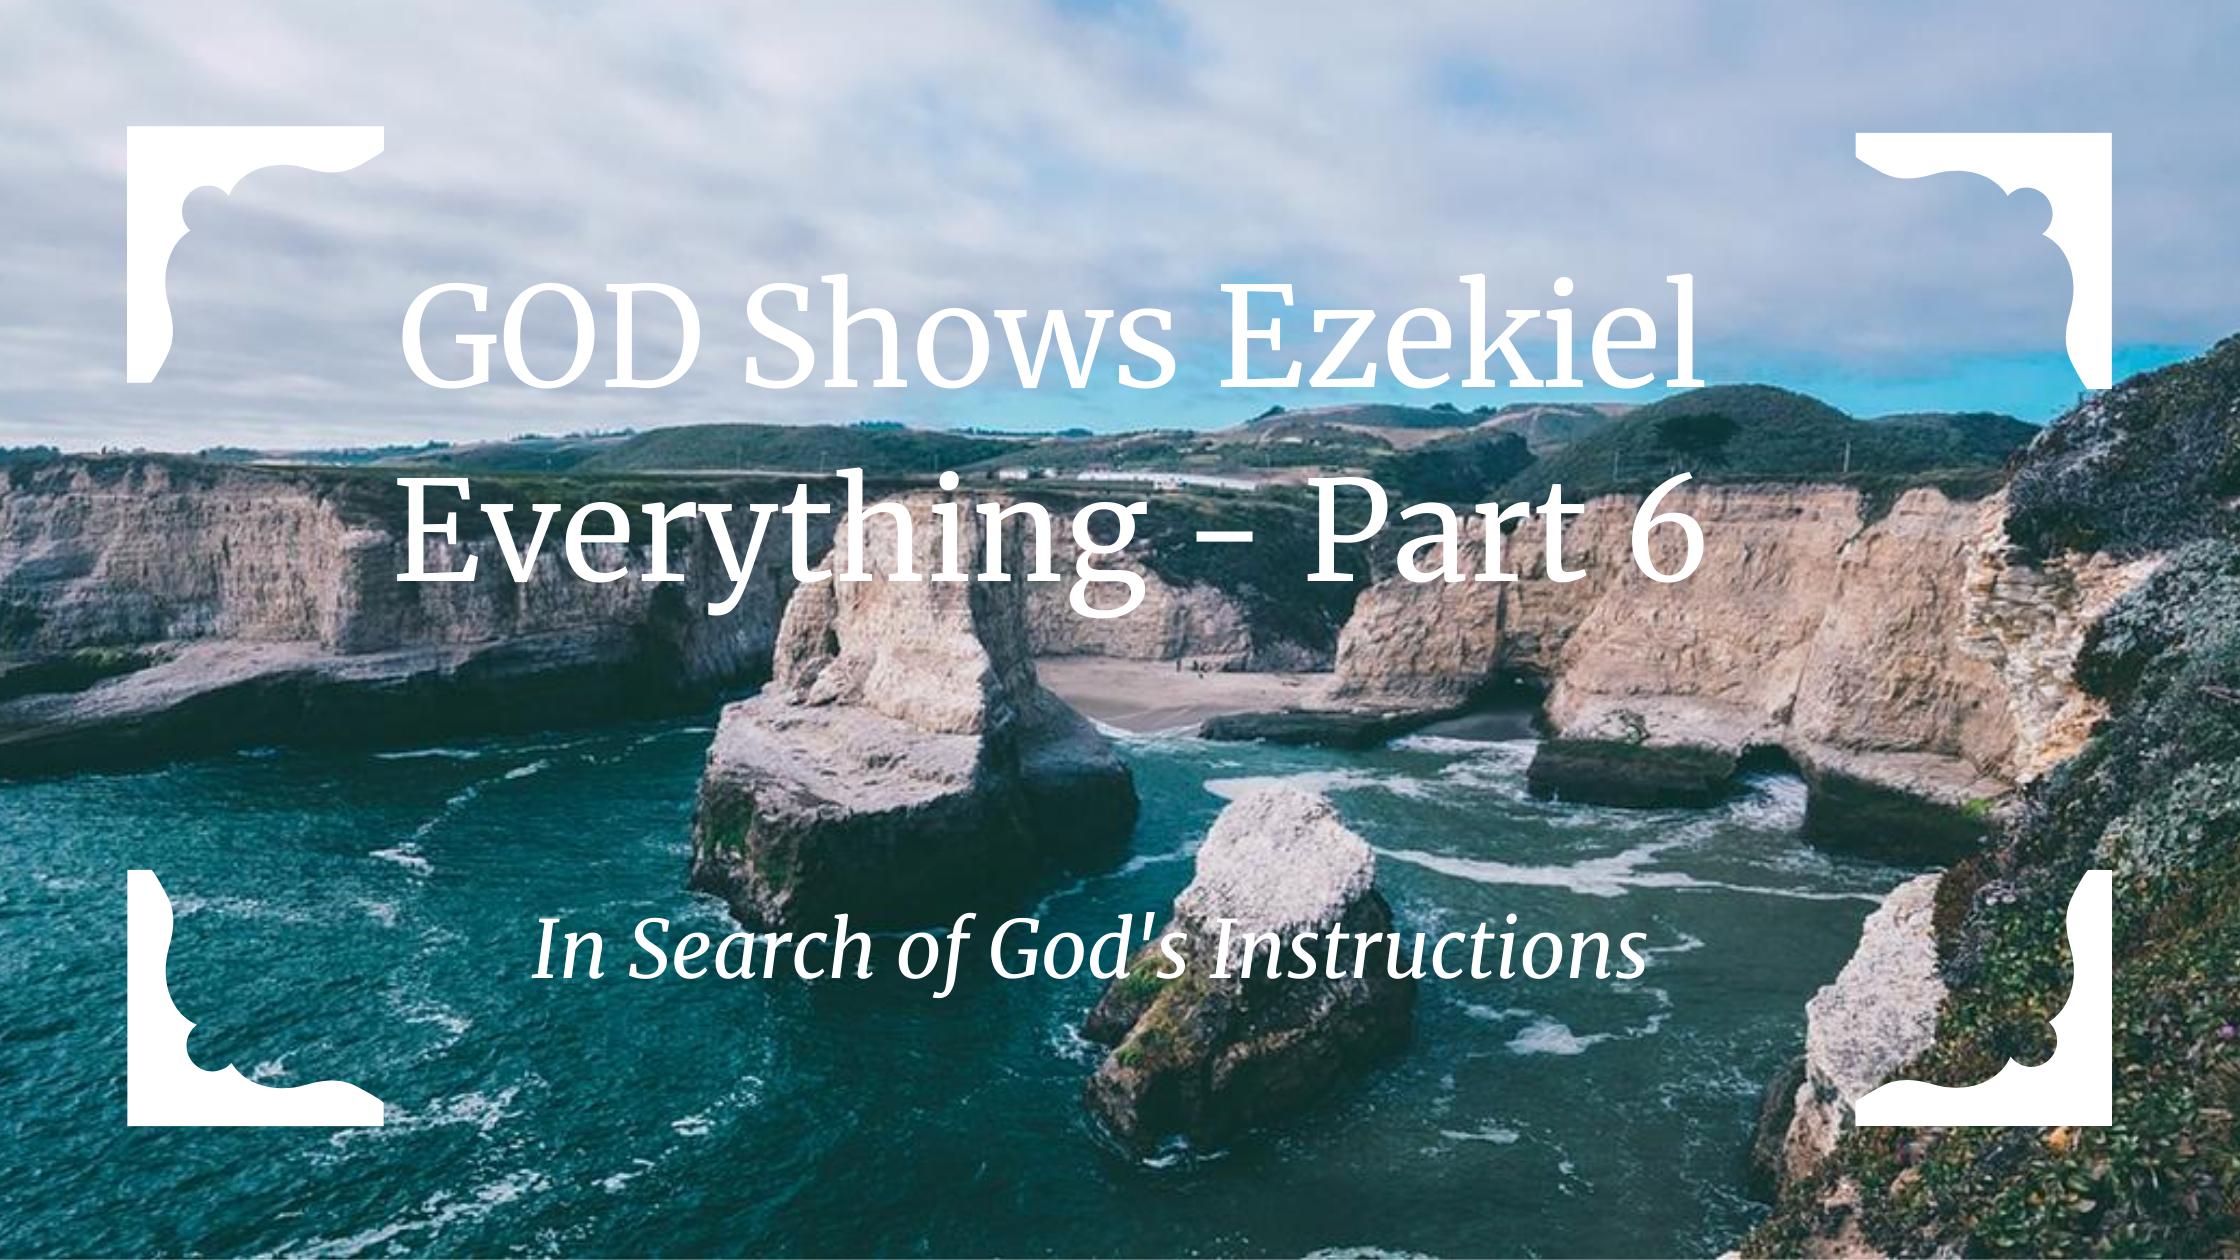 god-shows-ezekiel-everything-graphic-6